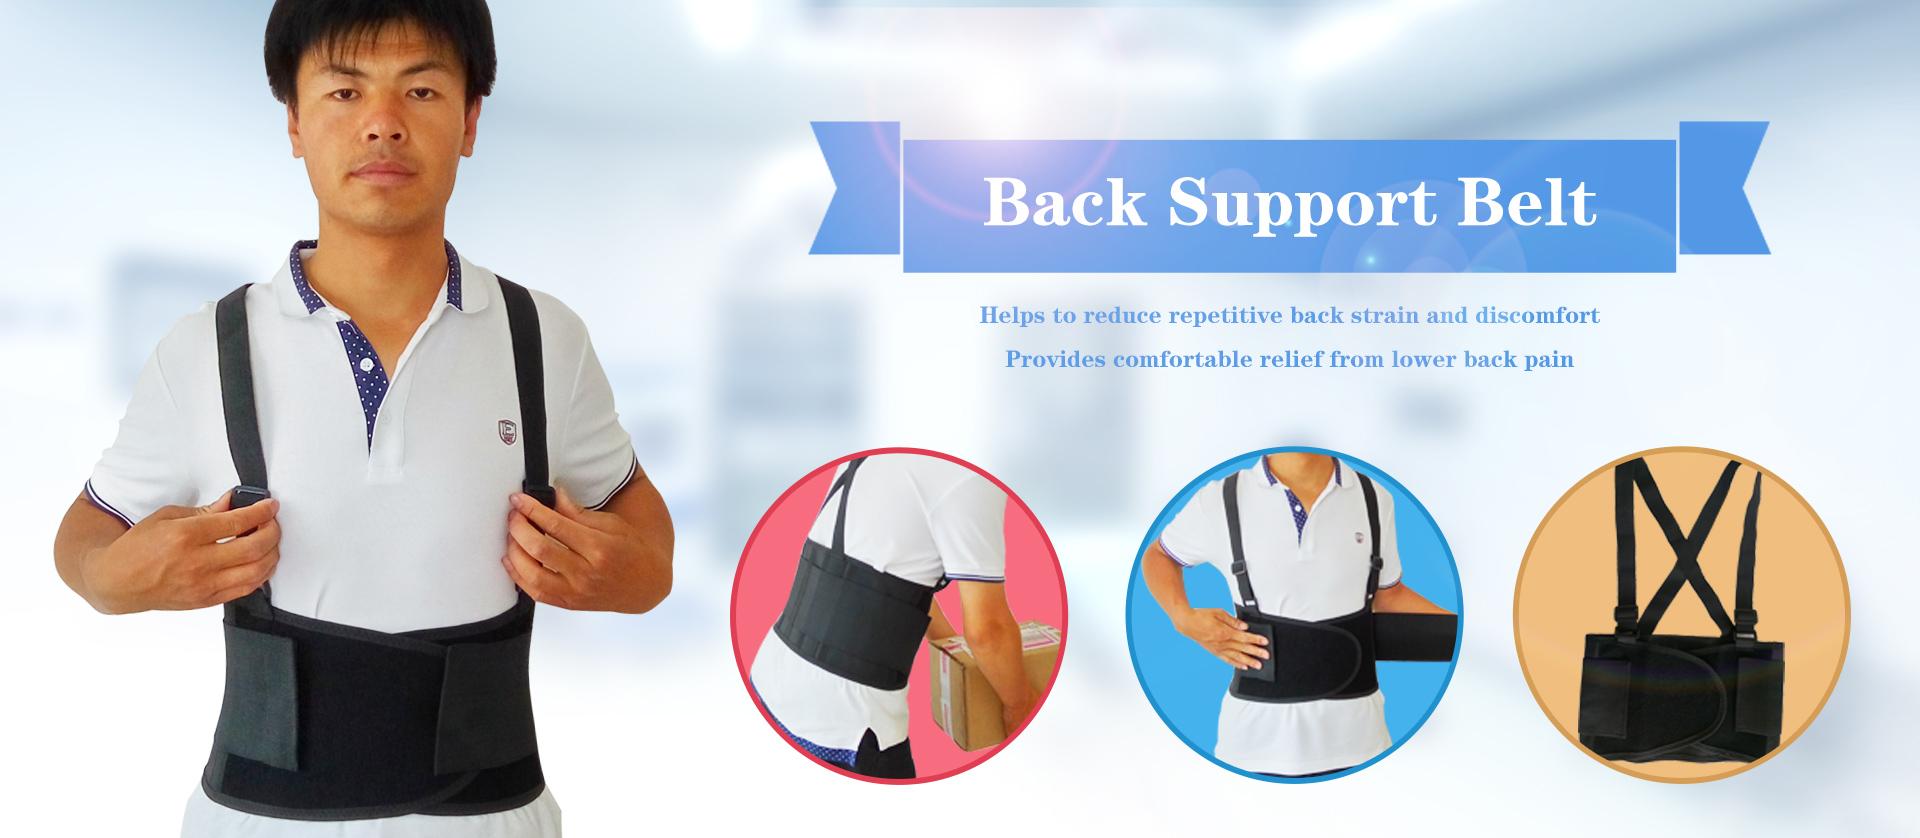 Working Back Support Belt